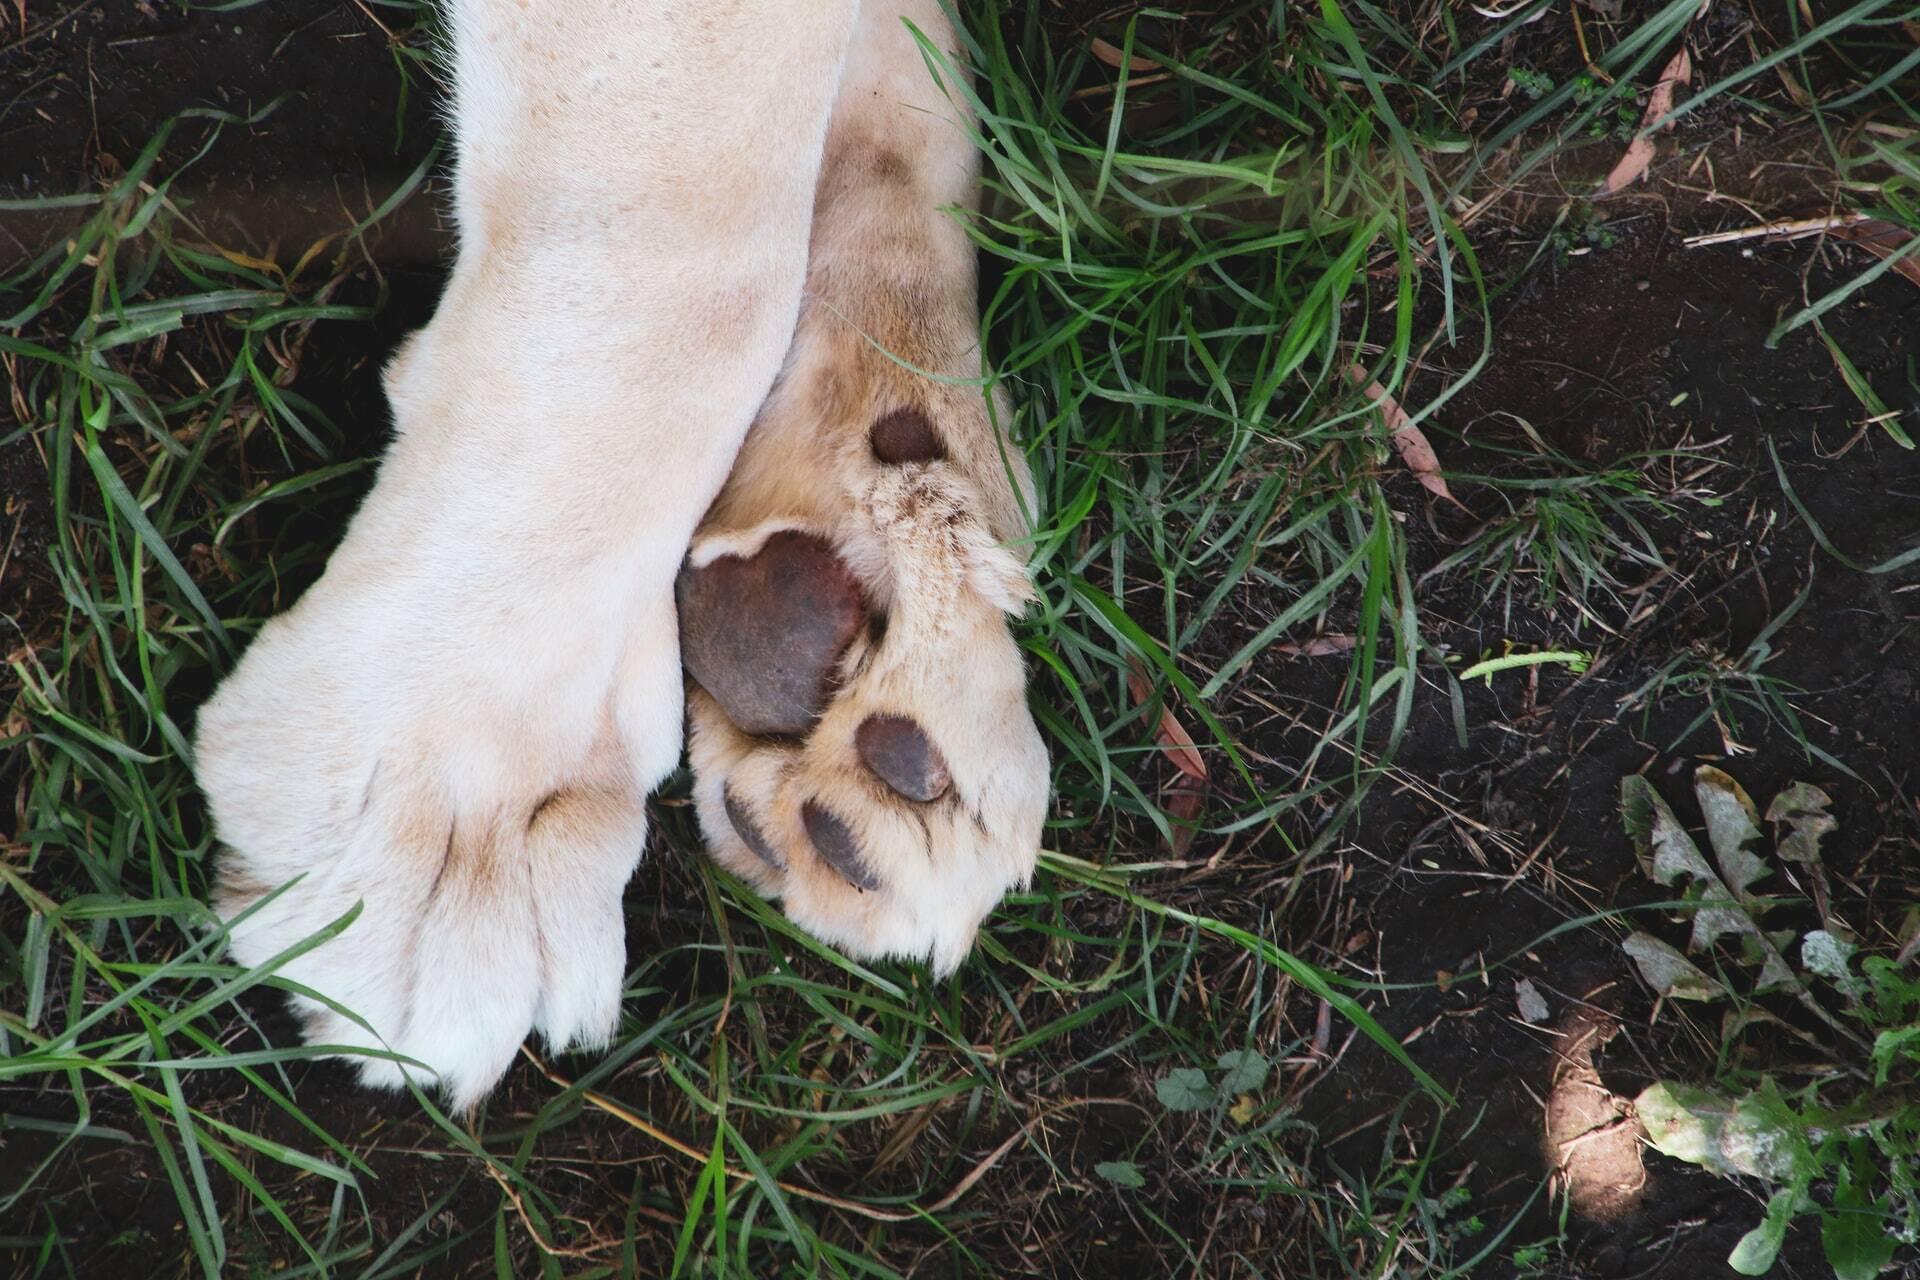 Por que meu cão lambe as patas? Devo me preocupar com isso?